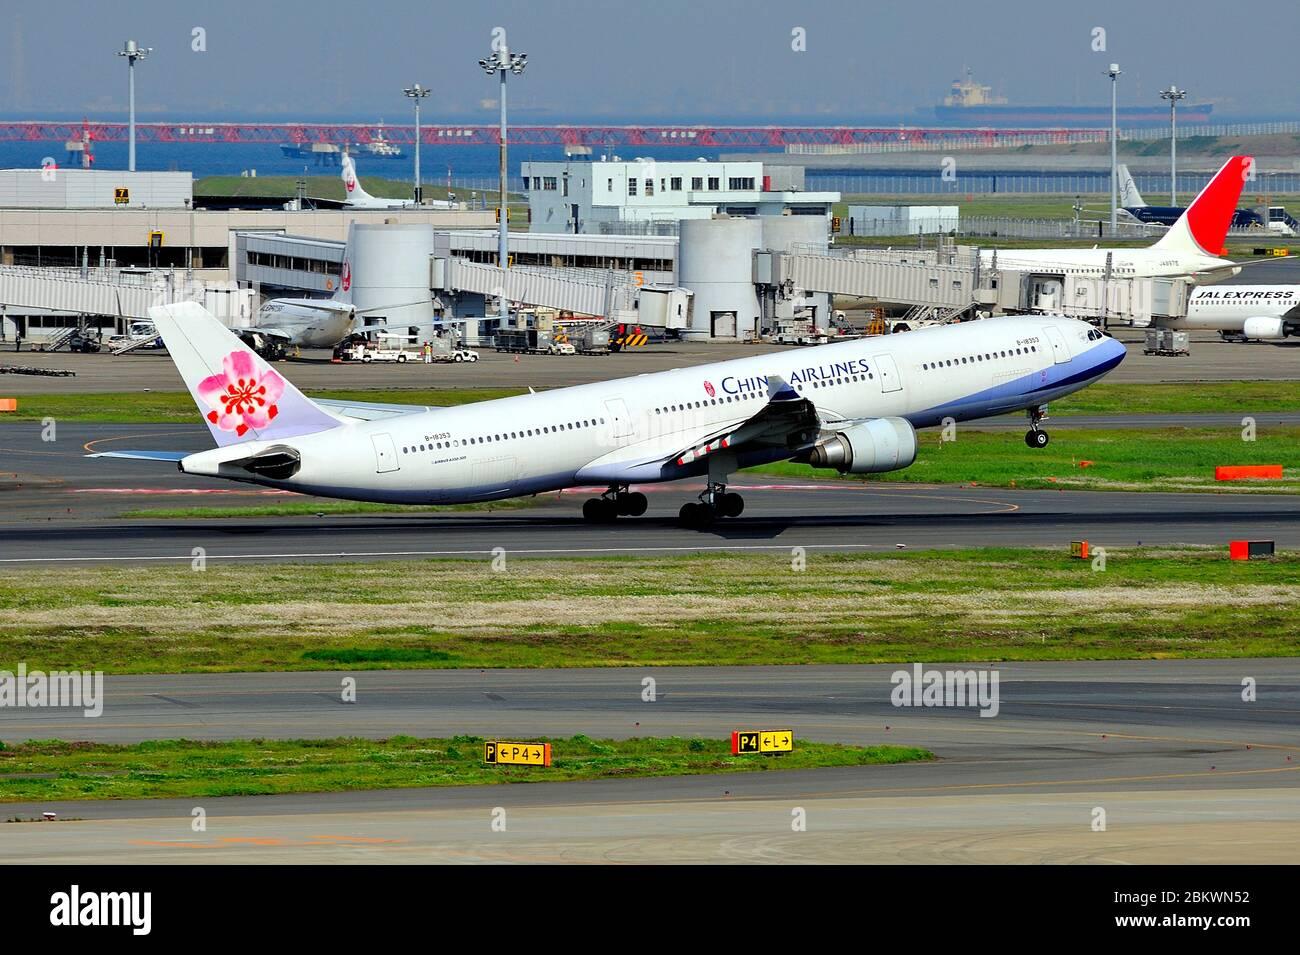 China Airlines, Taiwan, Airbus, A330-300, B-18353, Take Off, Tokyo Haneda Airport, Tokyo, Japan Stock Photo